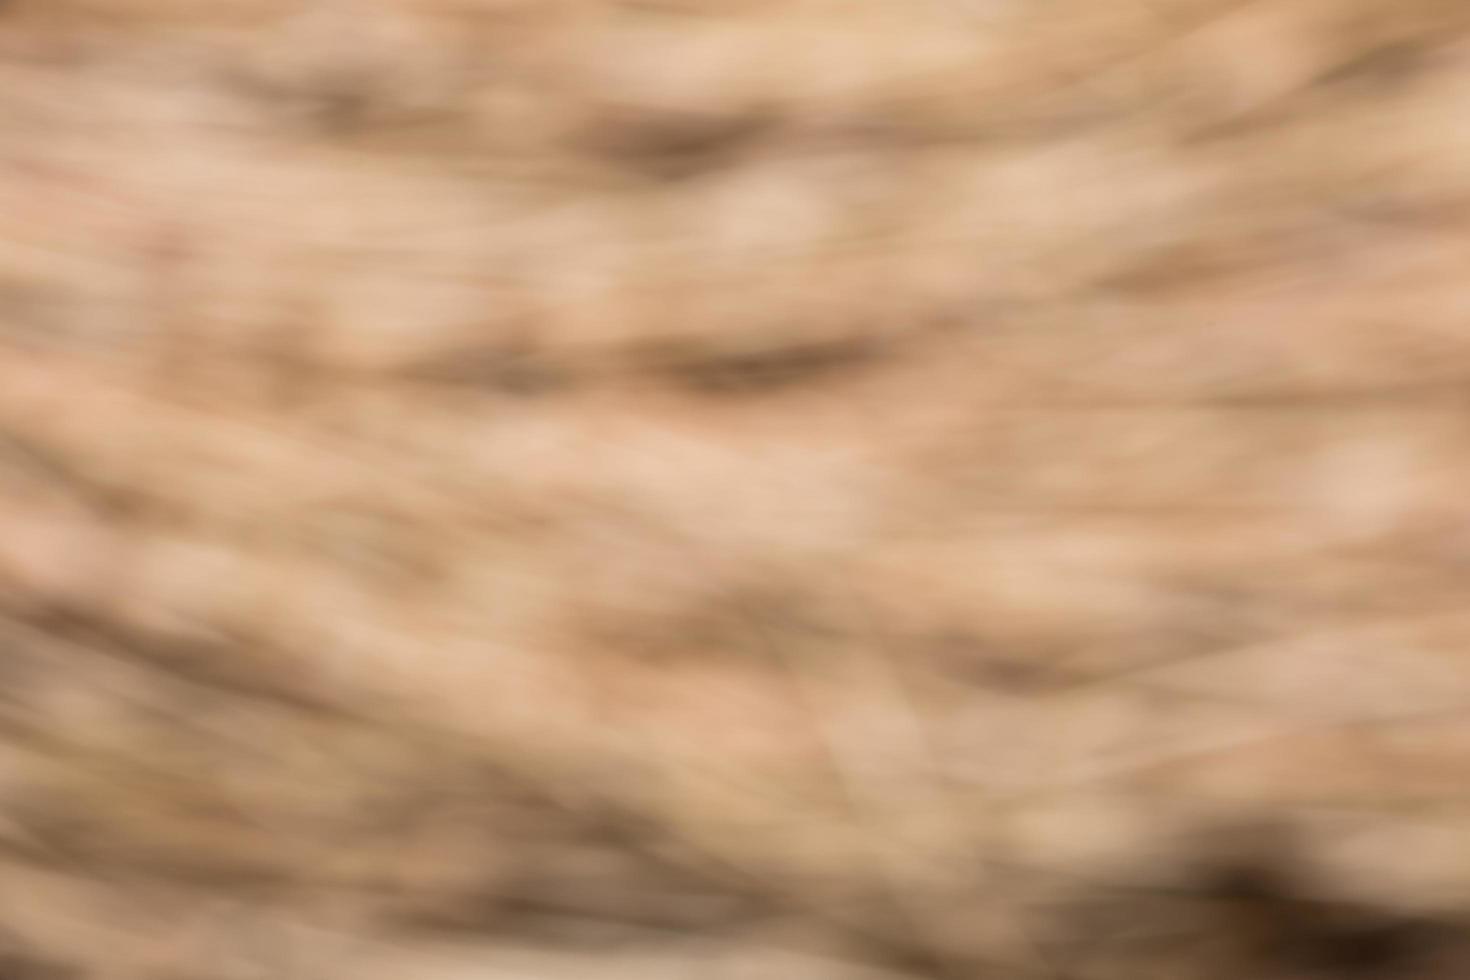 fondo marrón borroso foto